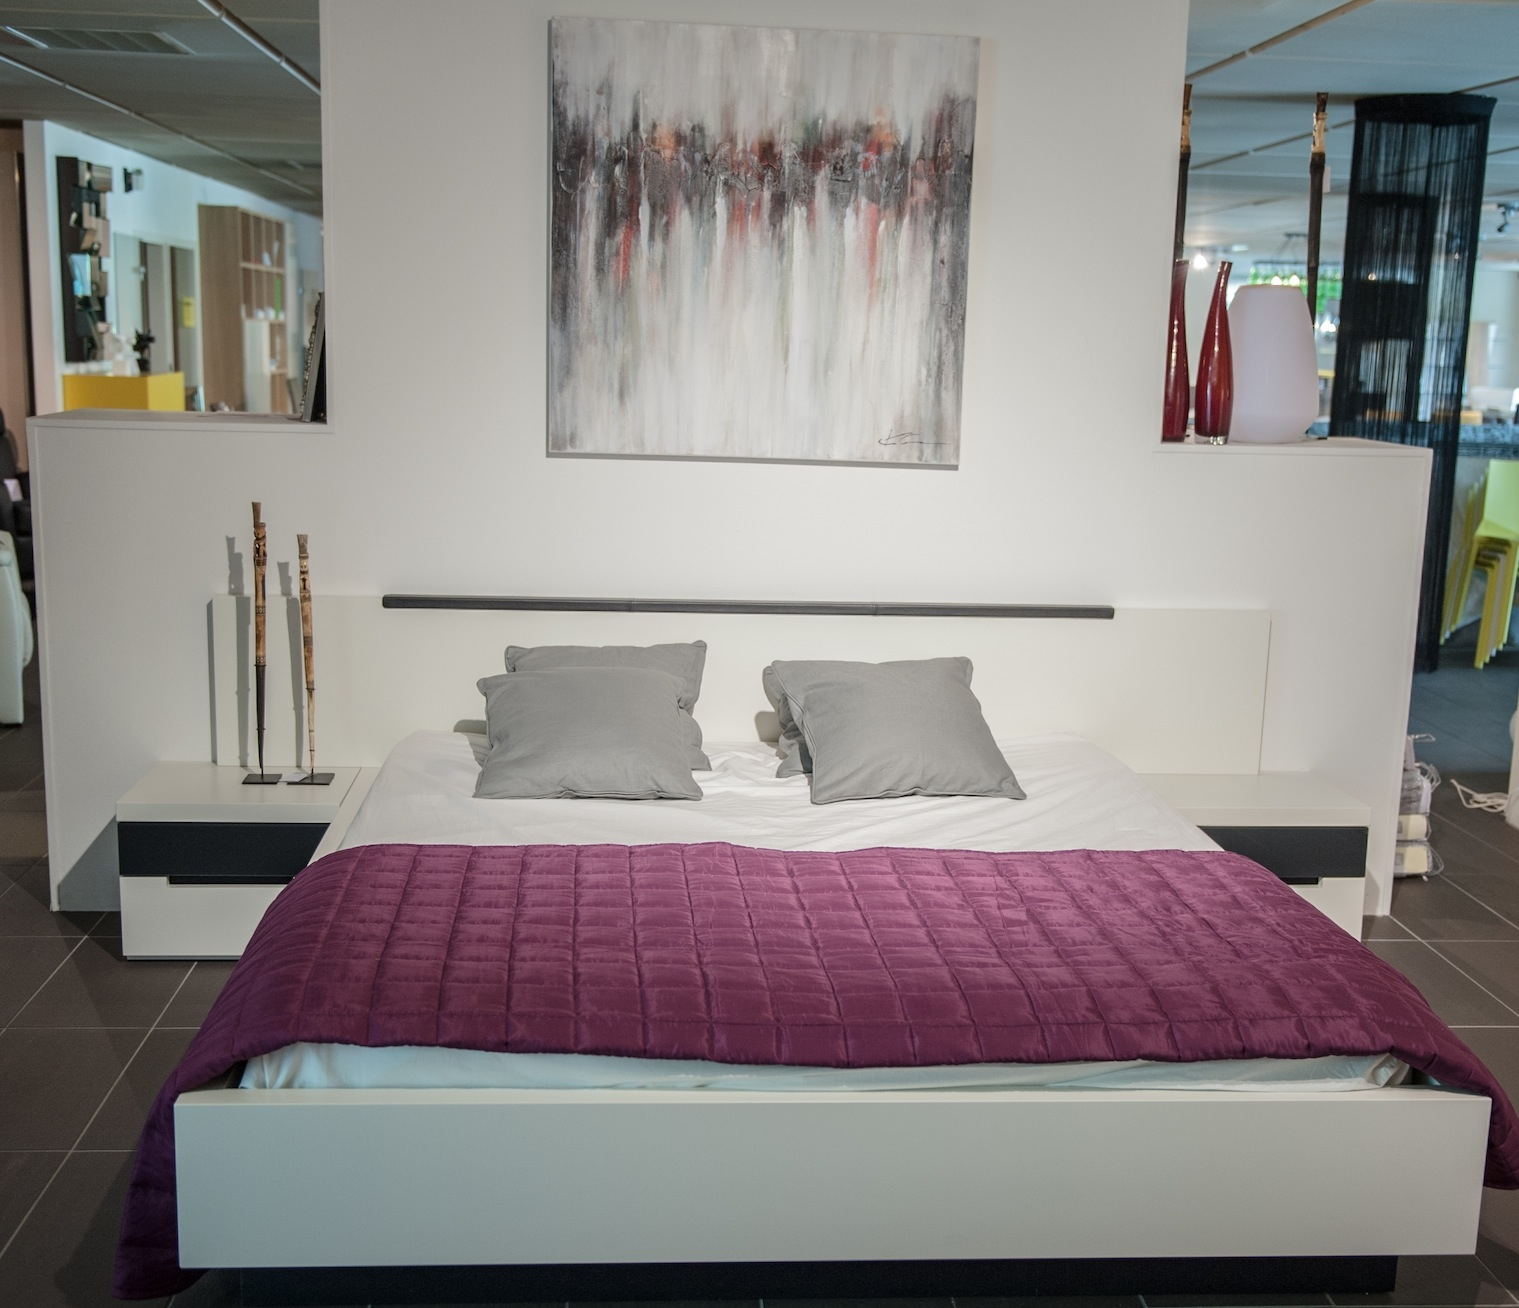 Chambre coucher hulsta storanza for Destockage chambre a coucher